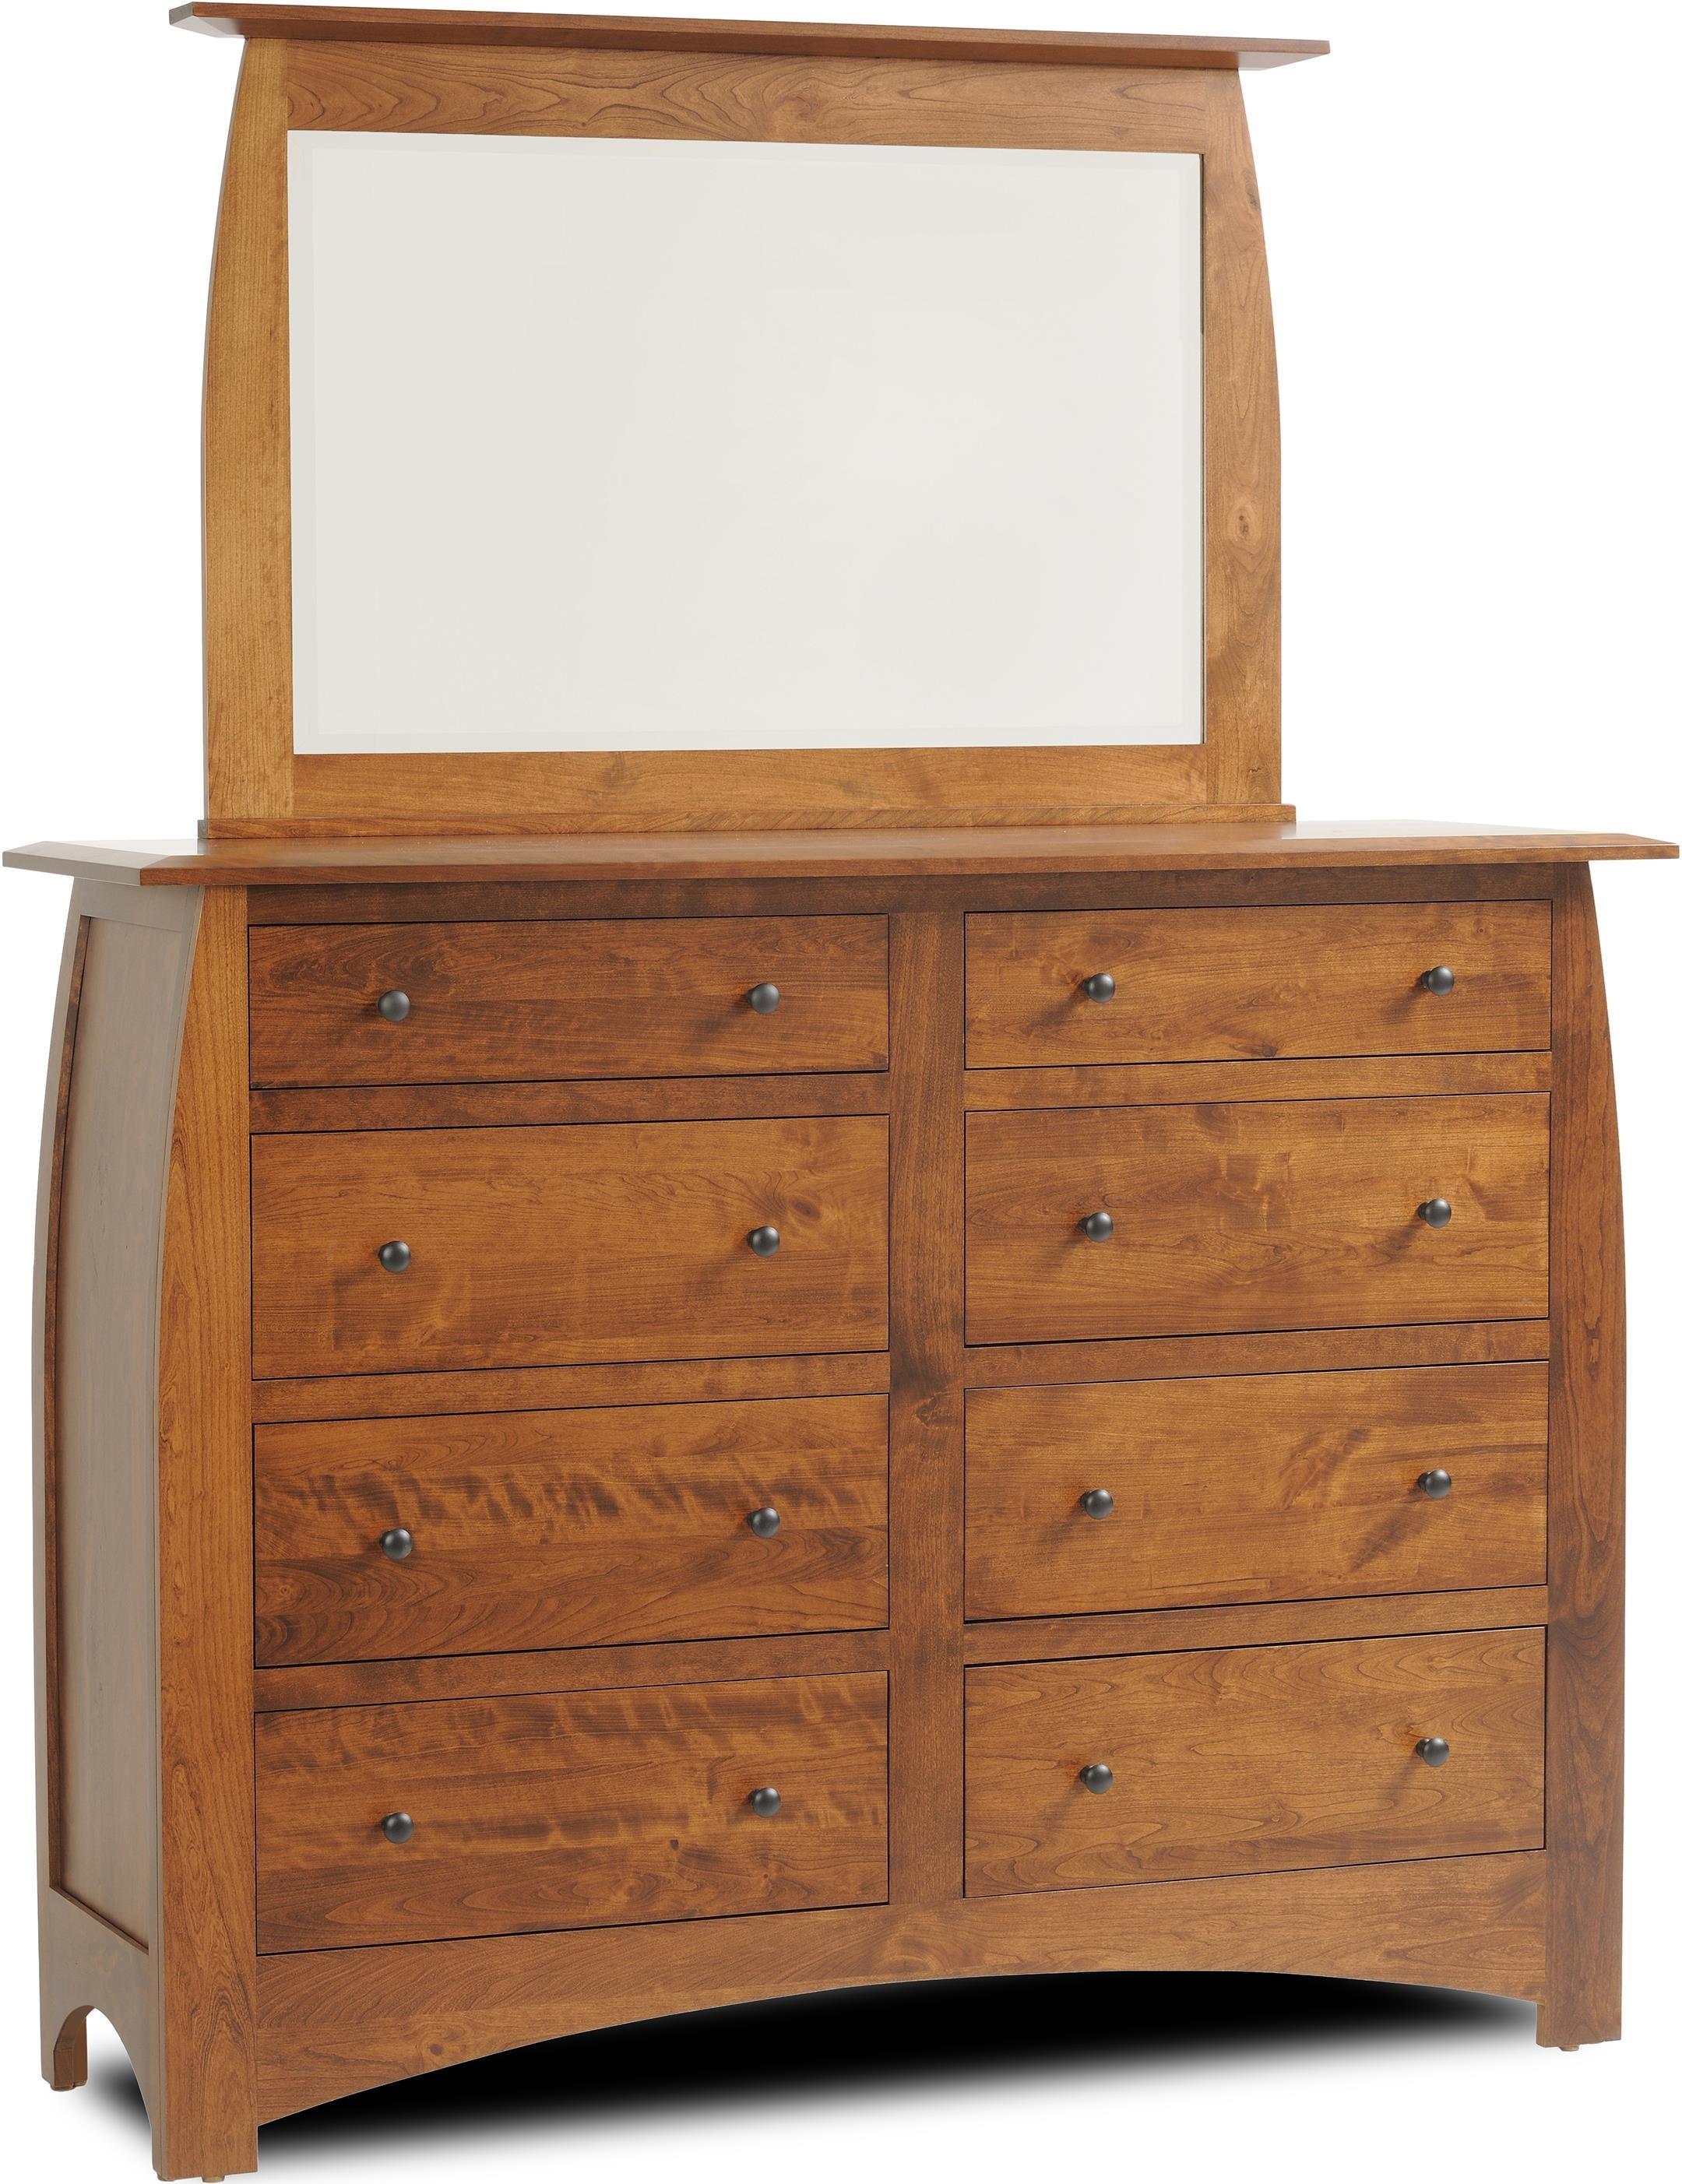 Millcraft Bordeaux Drawer Dresser W Mirror Ruby Gordon Furniture Mattresses Dresser